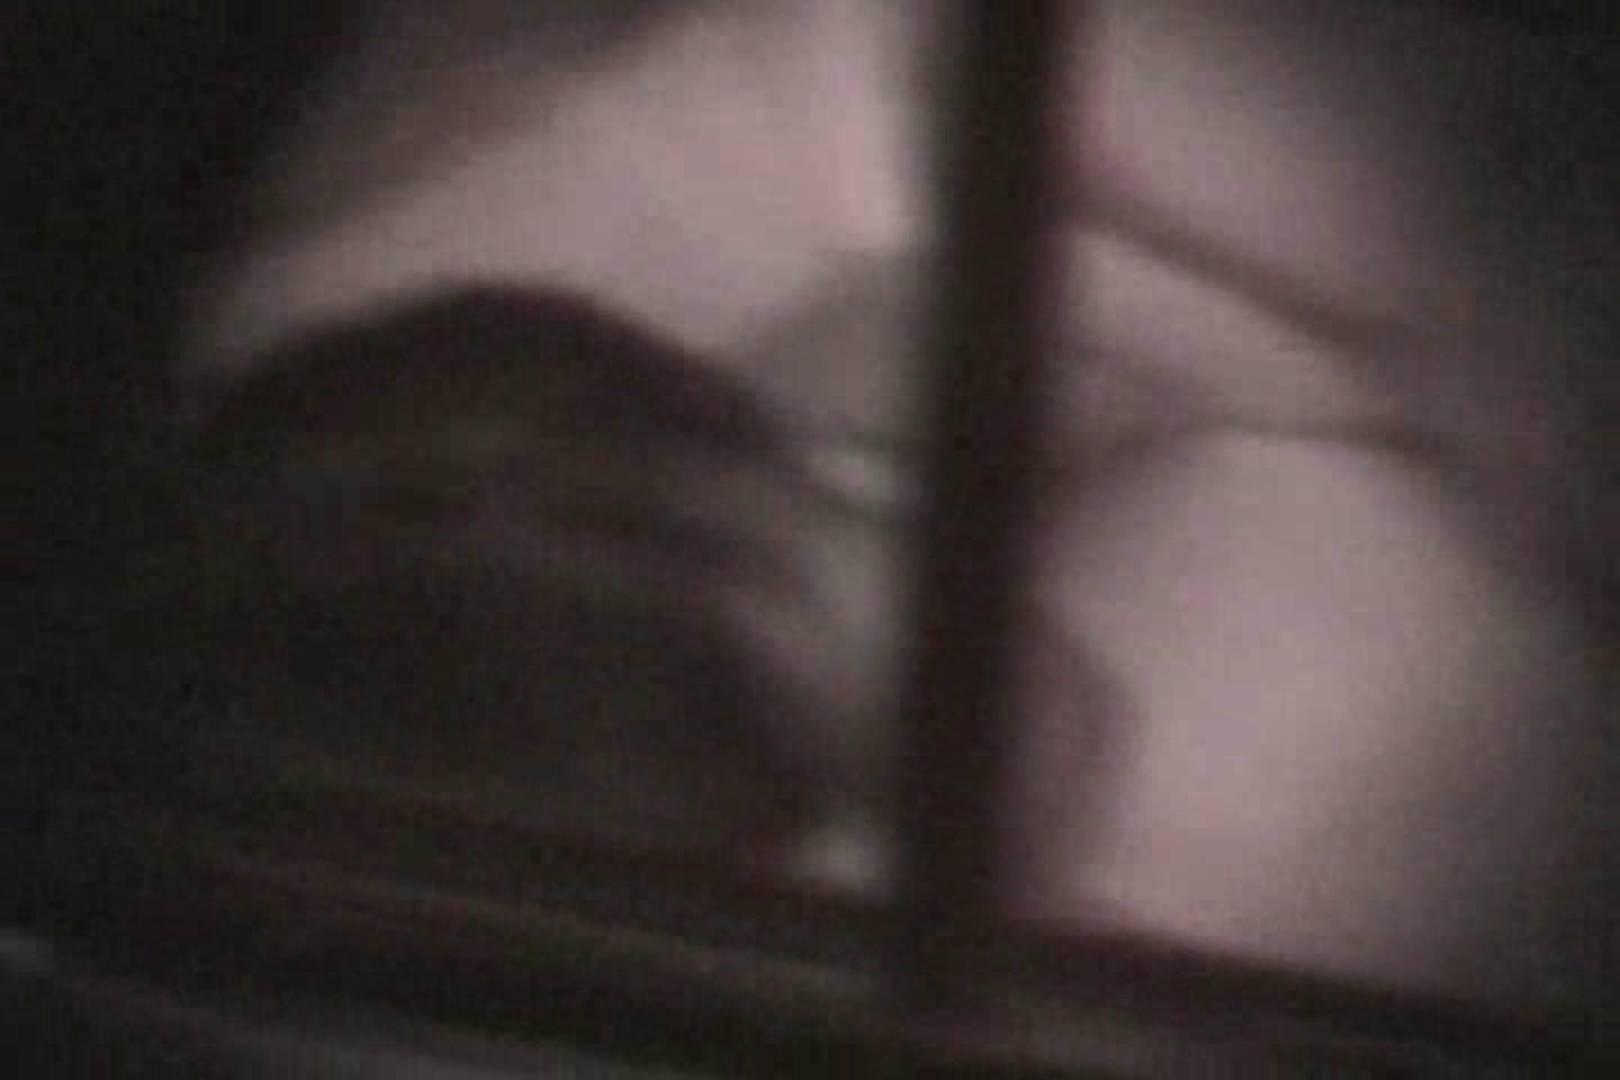 蔵出し!!赤外線カーセックスVol.23 カーセックス  92pic 55